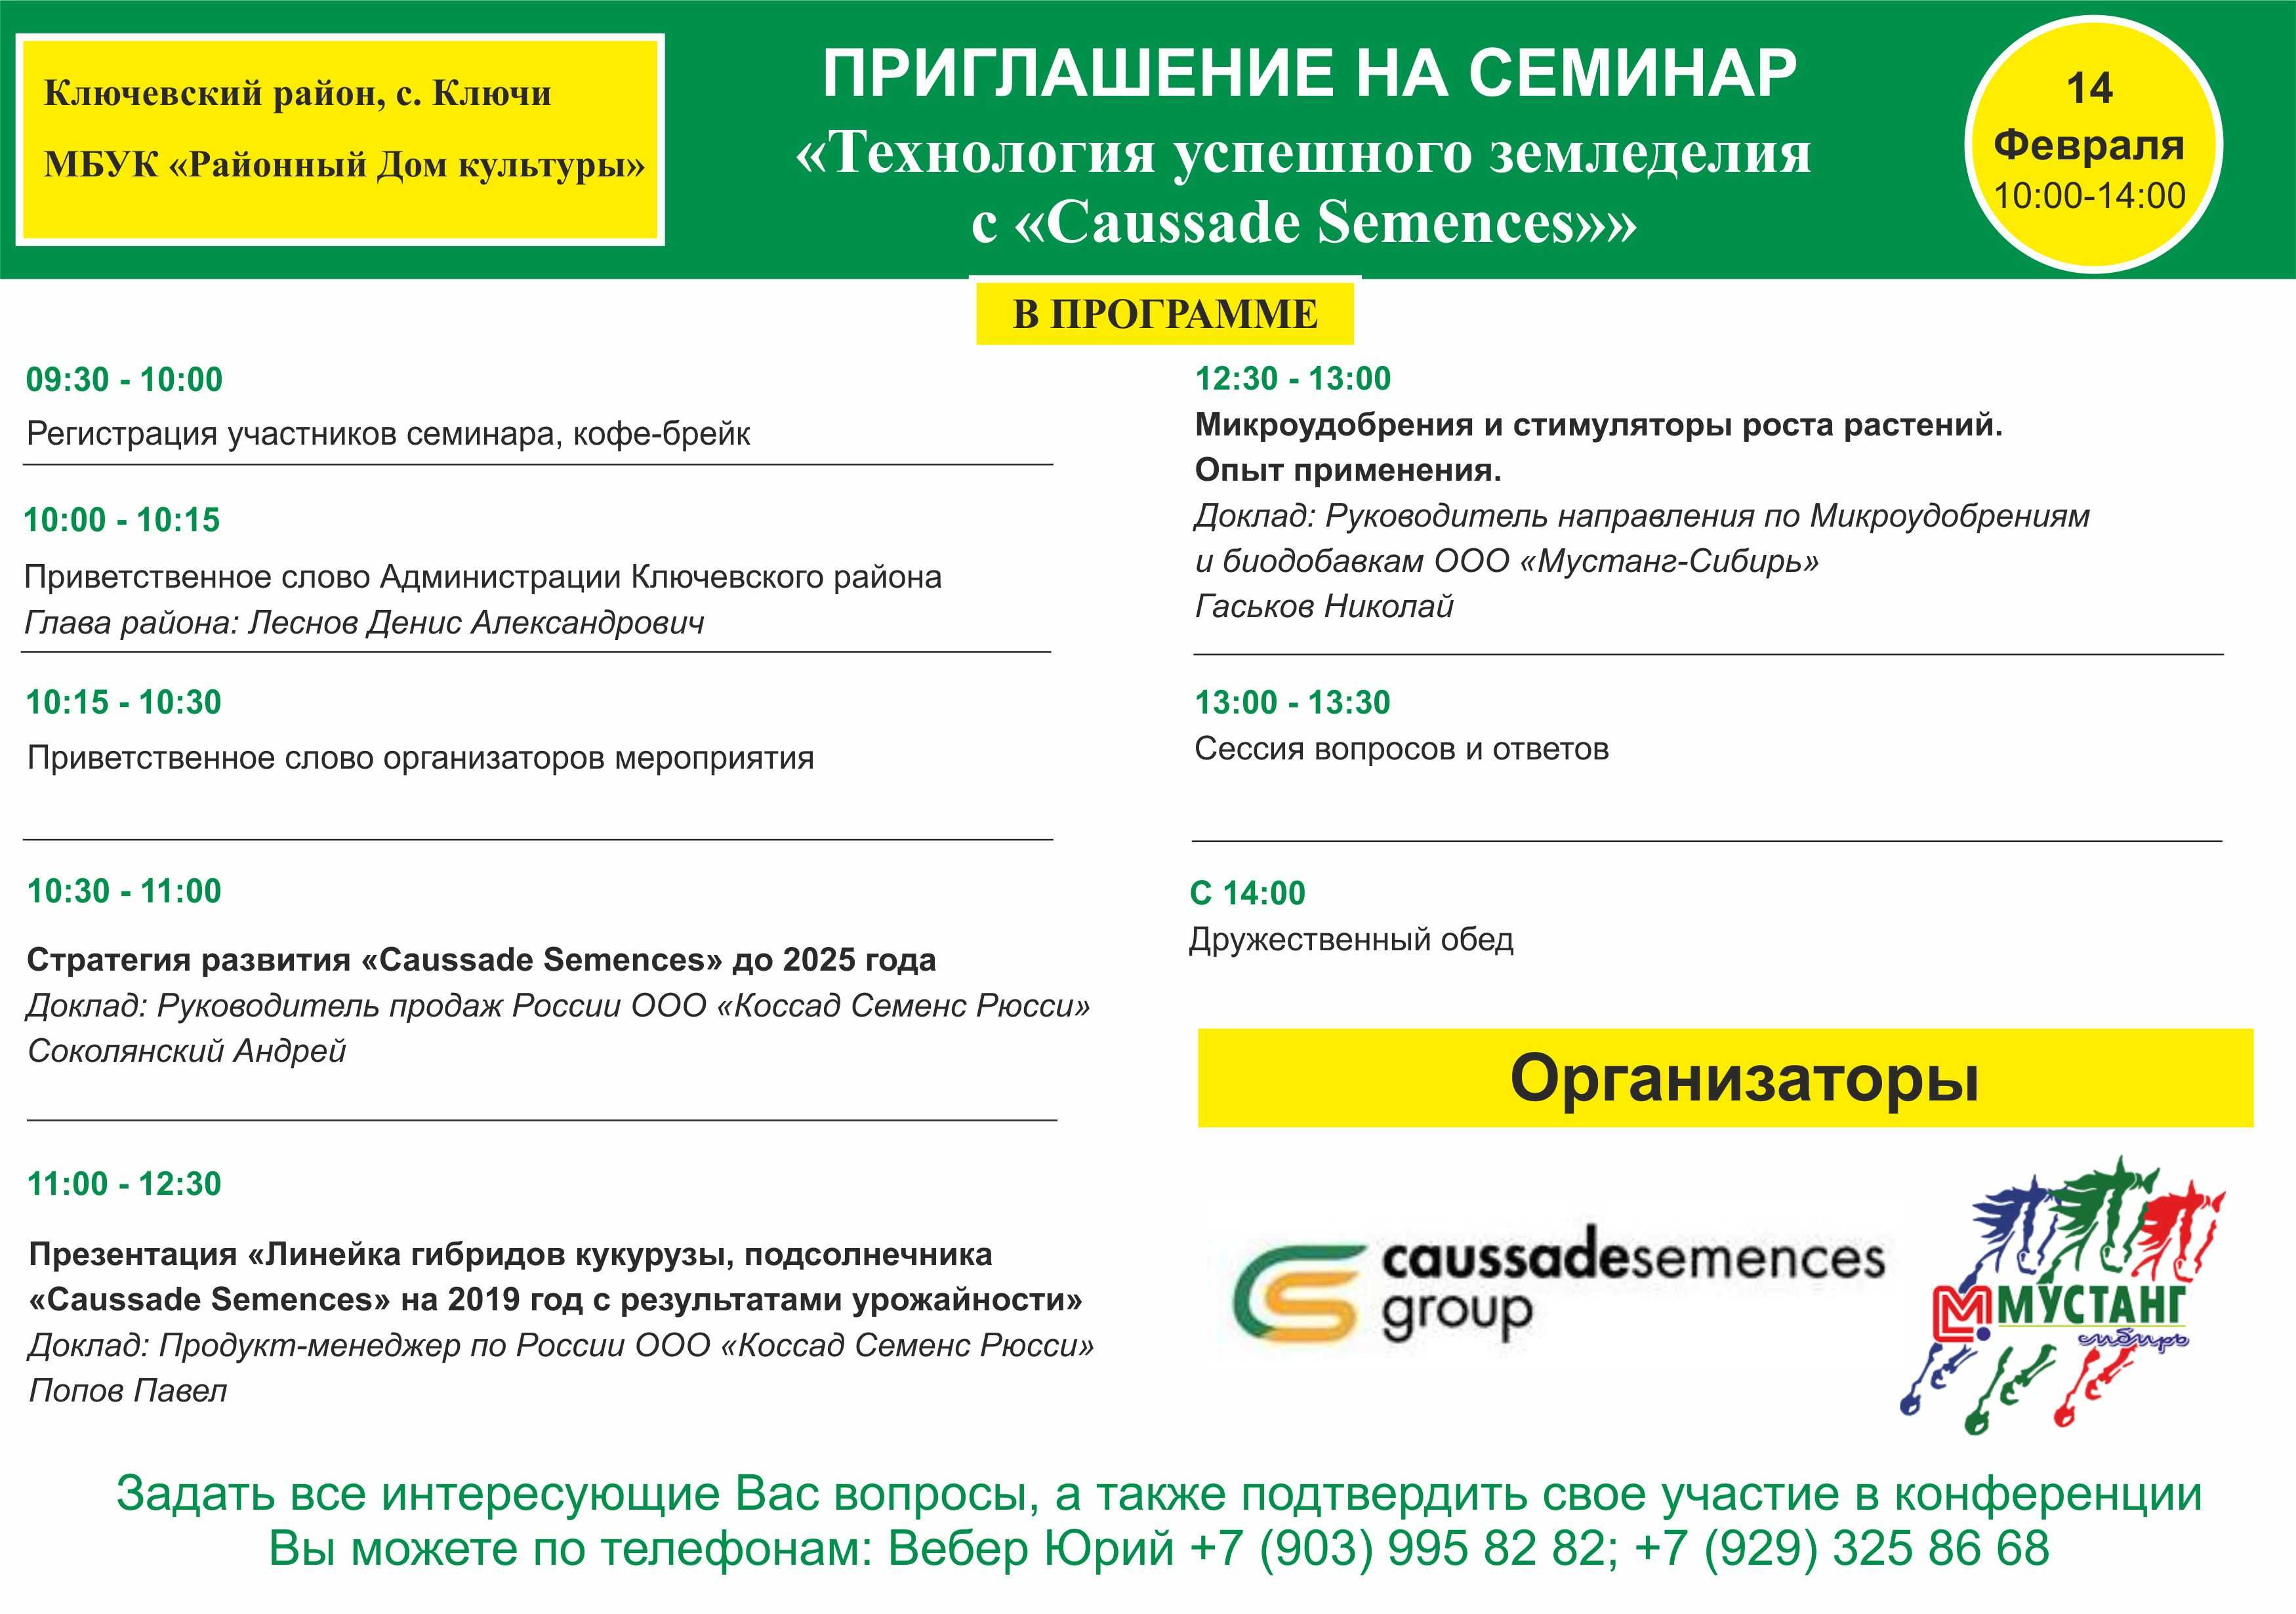 Приглашаем на семинар «Технология успешного земледелия с «Caussade Semences»